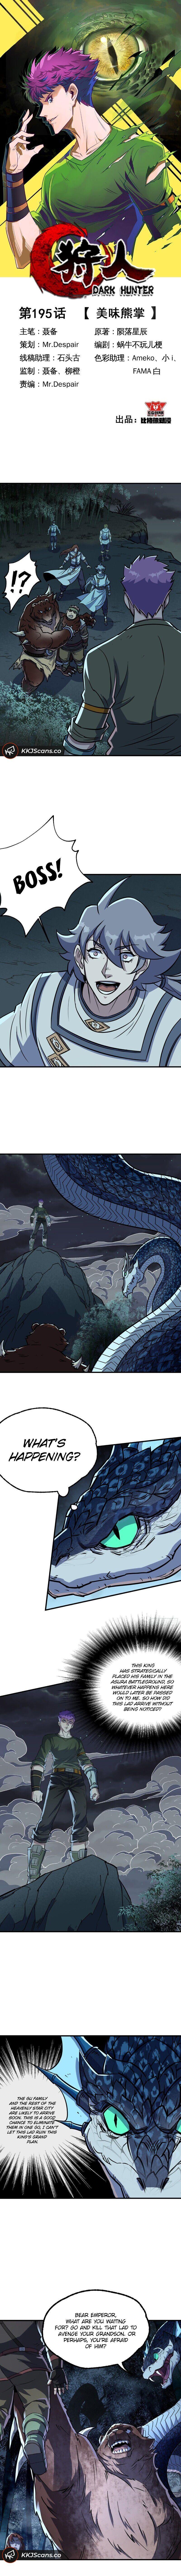 The Hunter Chapter 195 page 2 - Mangakakalots.com